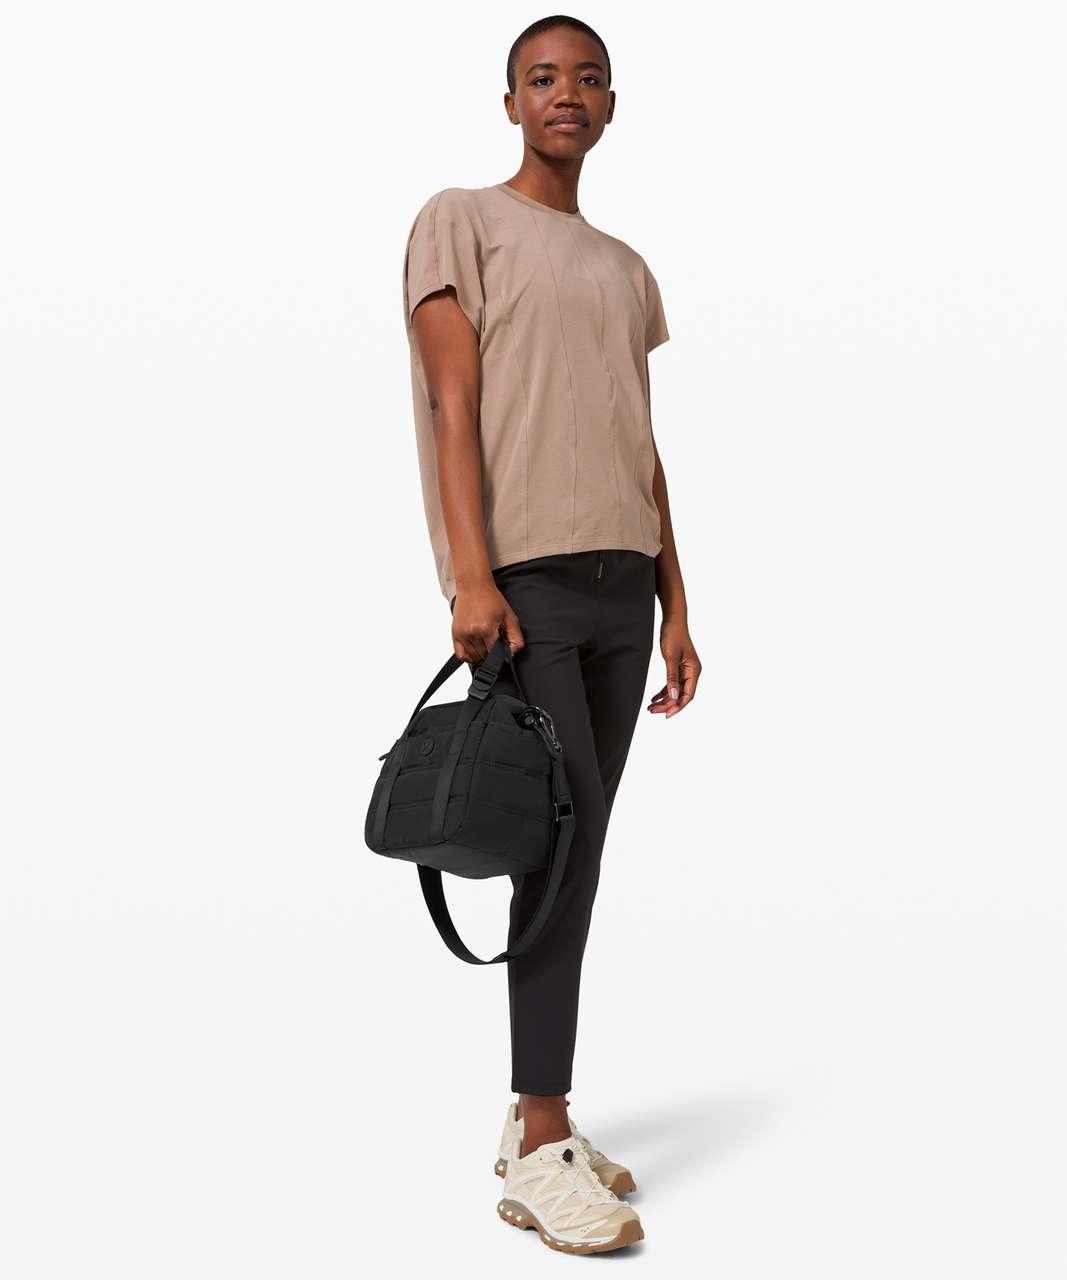 Lululemon Dash All Day Bucket Bag *6.5L - Black (Second Release)